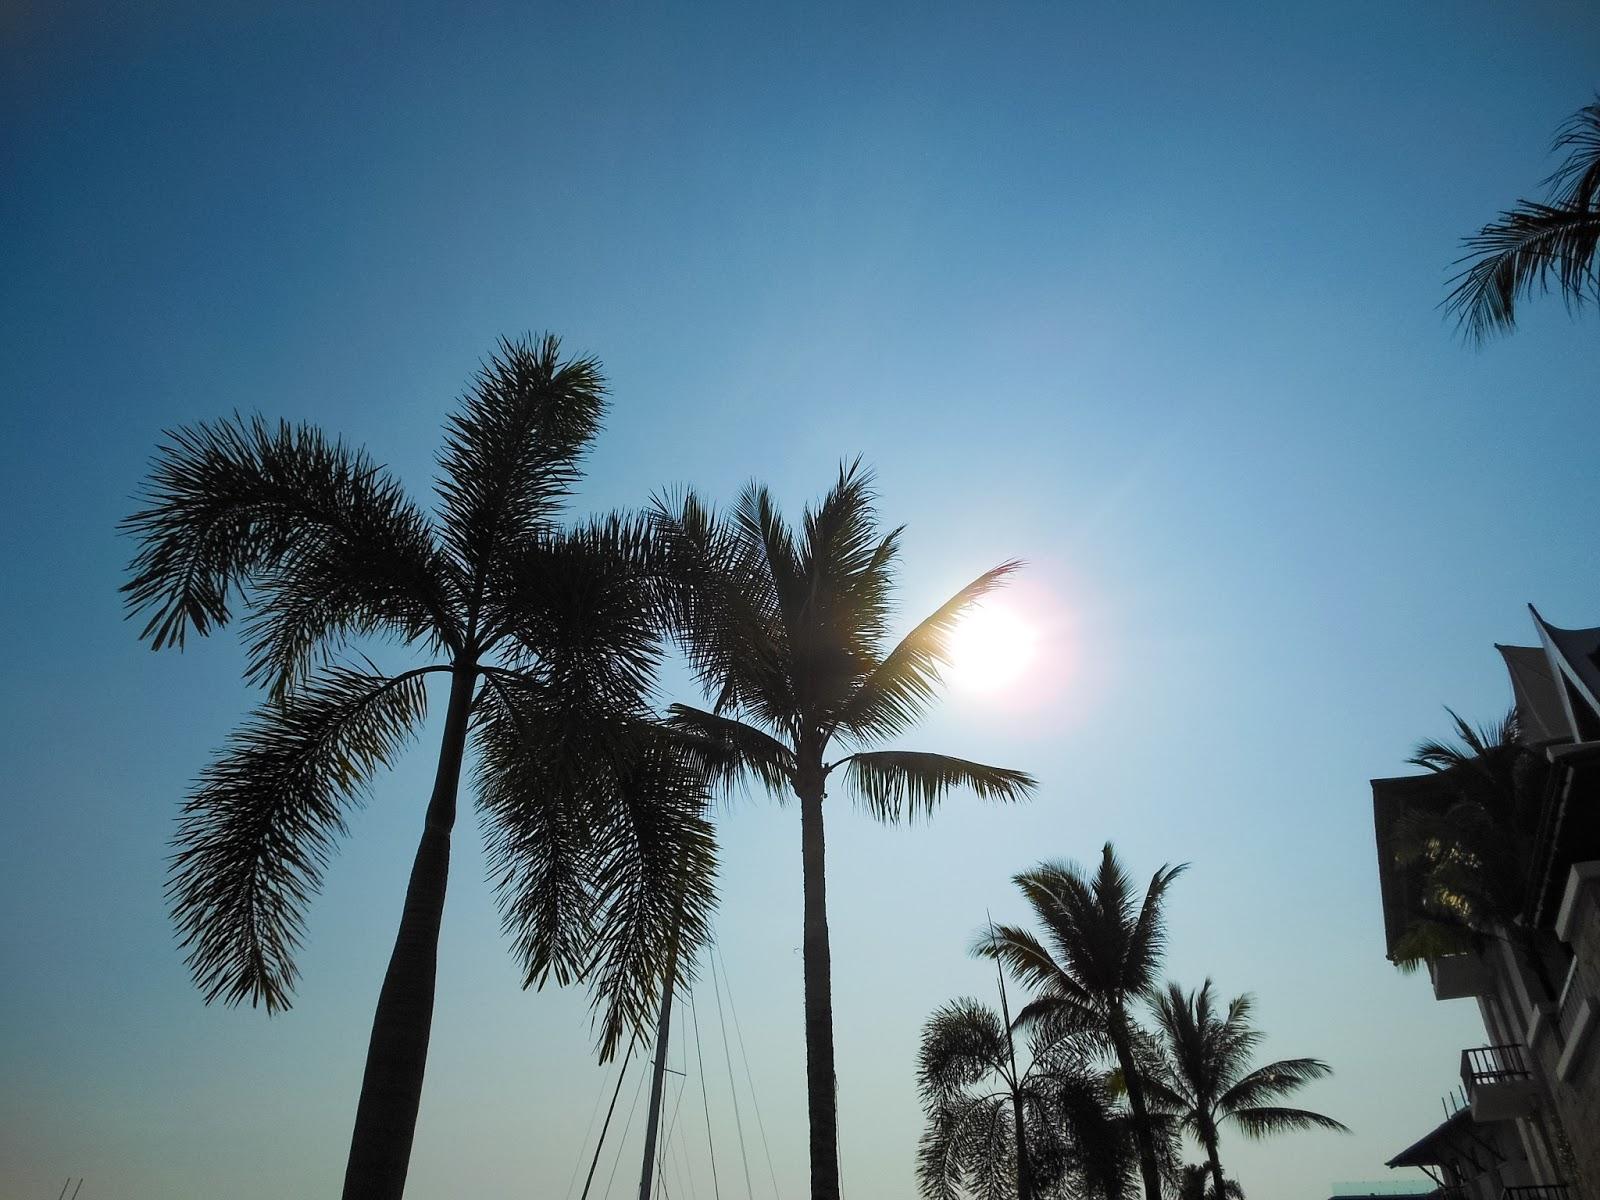 sunrise at the marina phuket